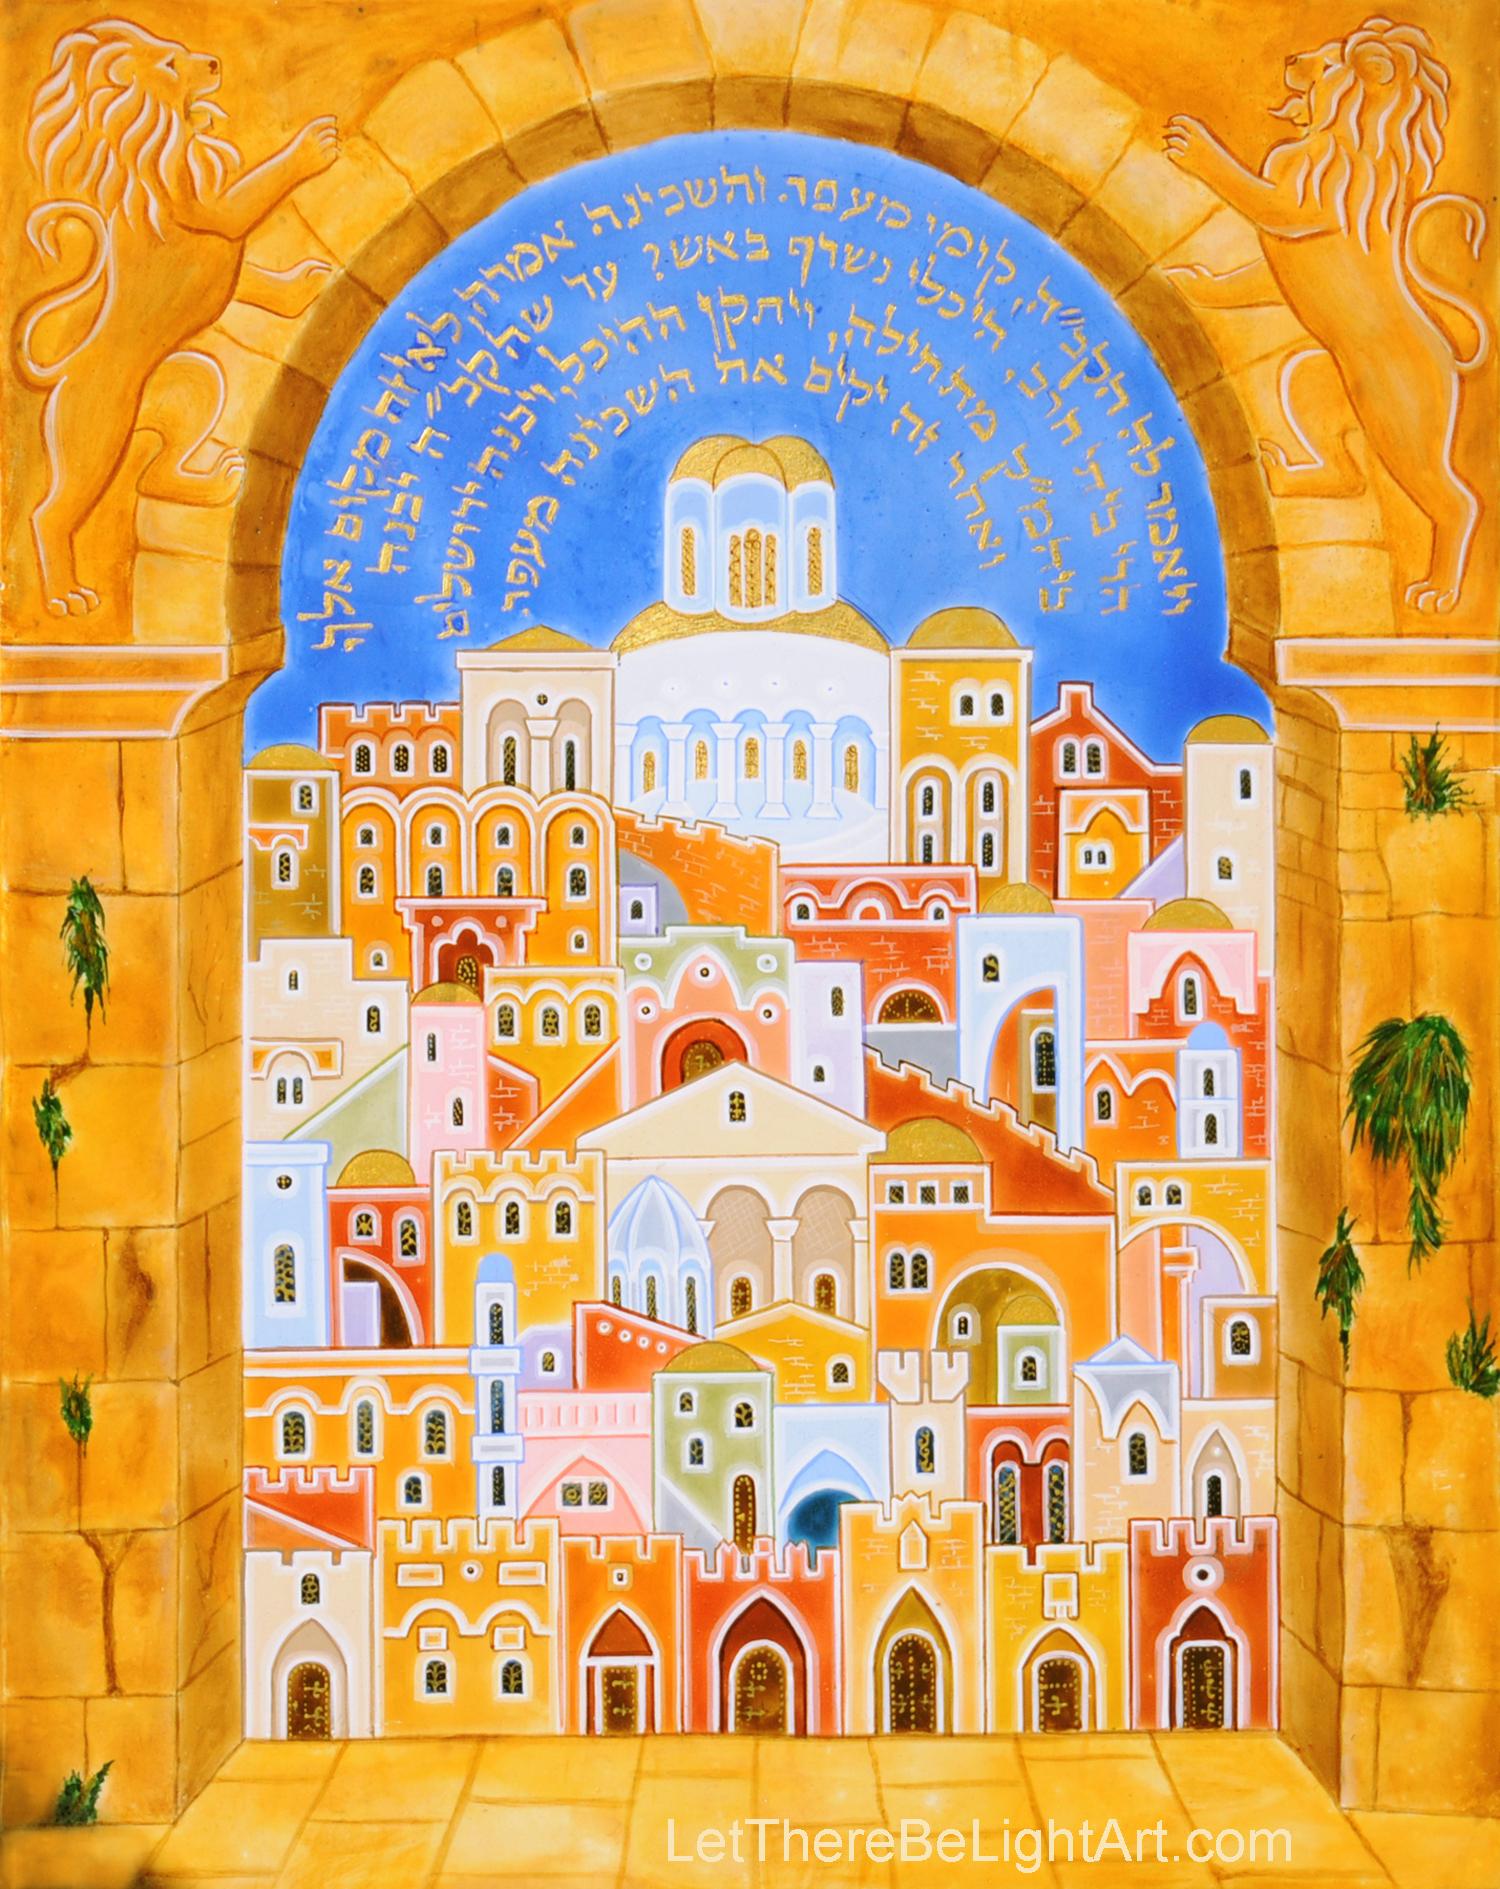 Jerusalem of the Heart